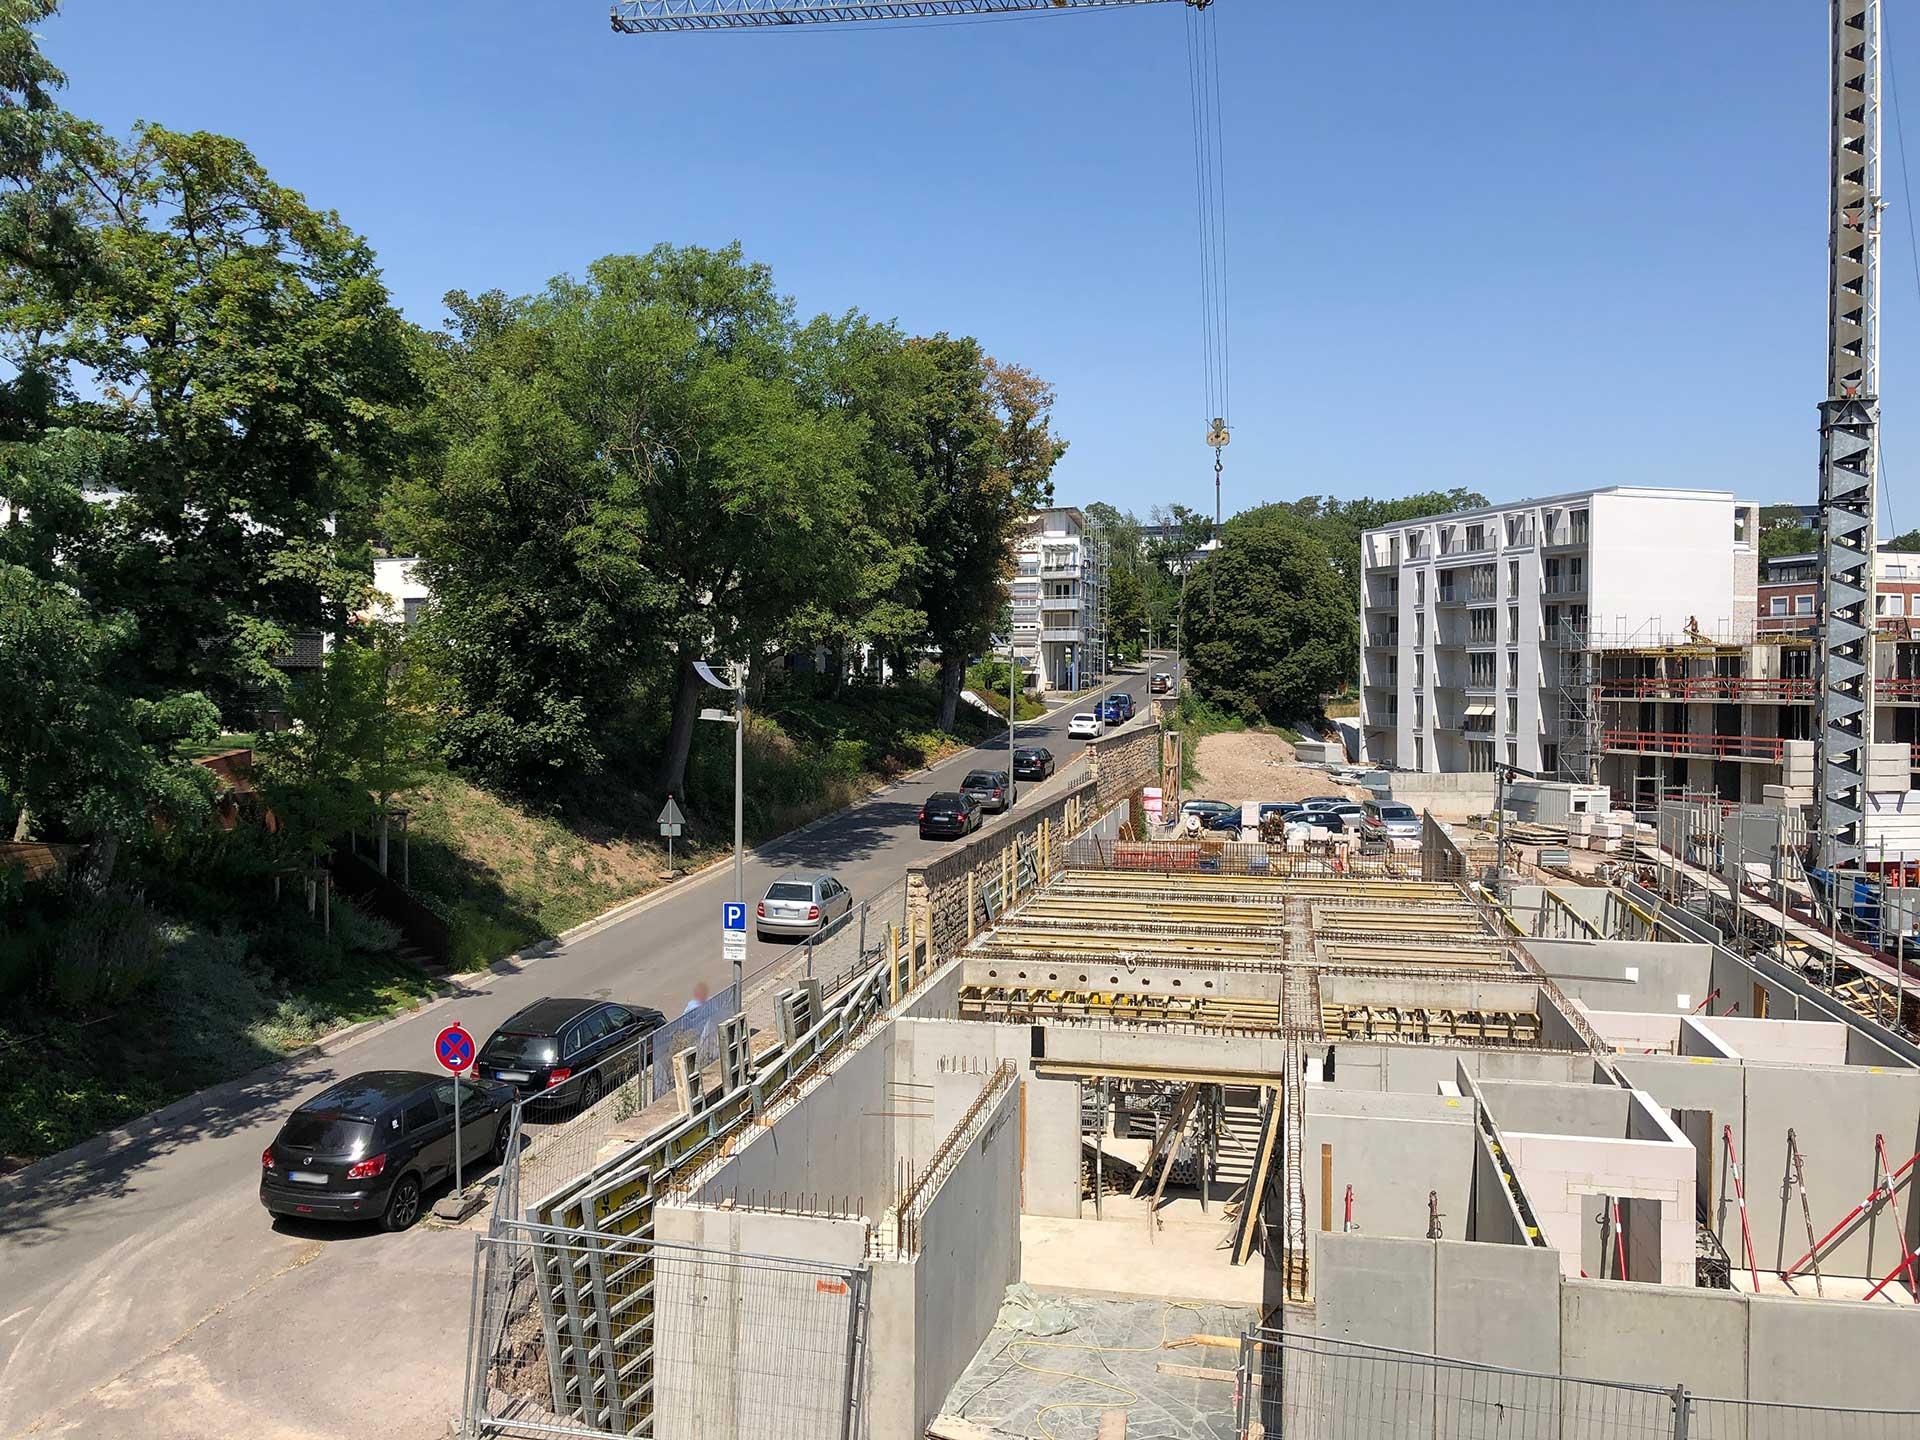 Baustart für das neue Mehrfamilienhaus im Erfurter Brühl ist erfolgt